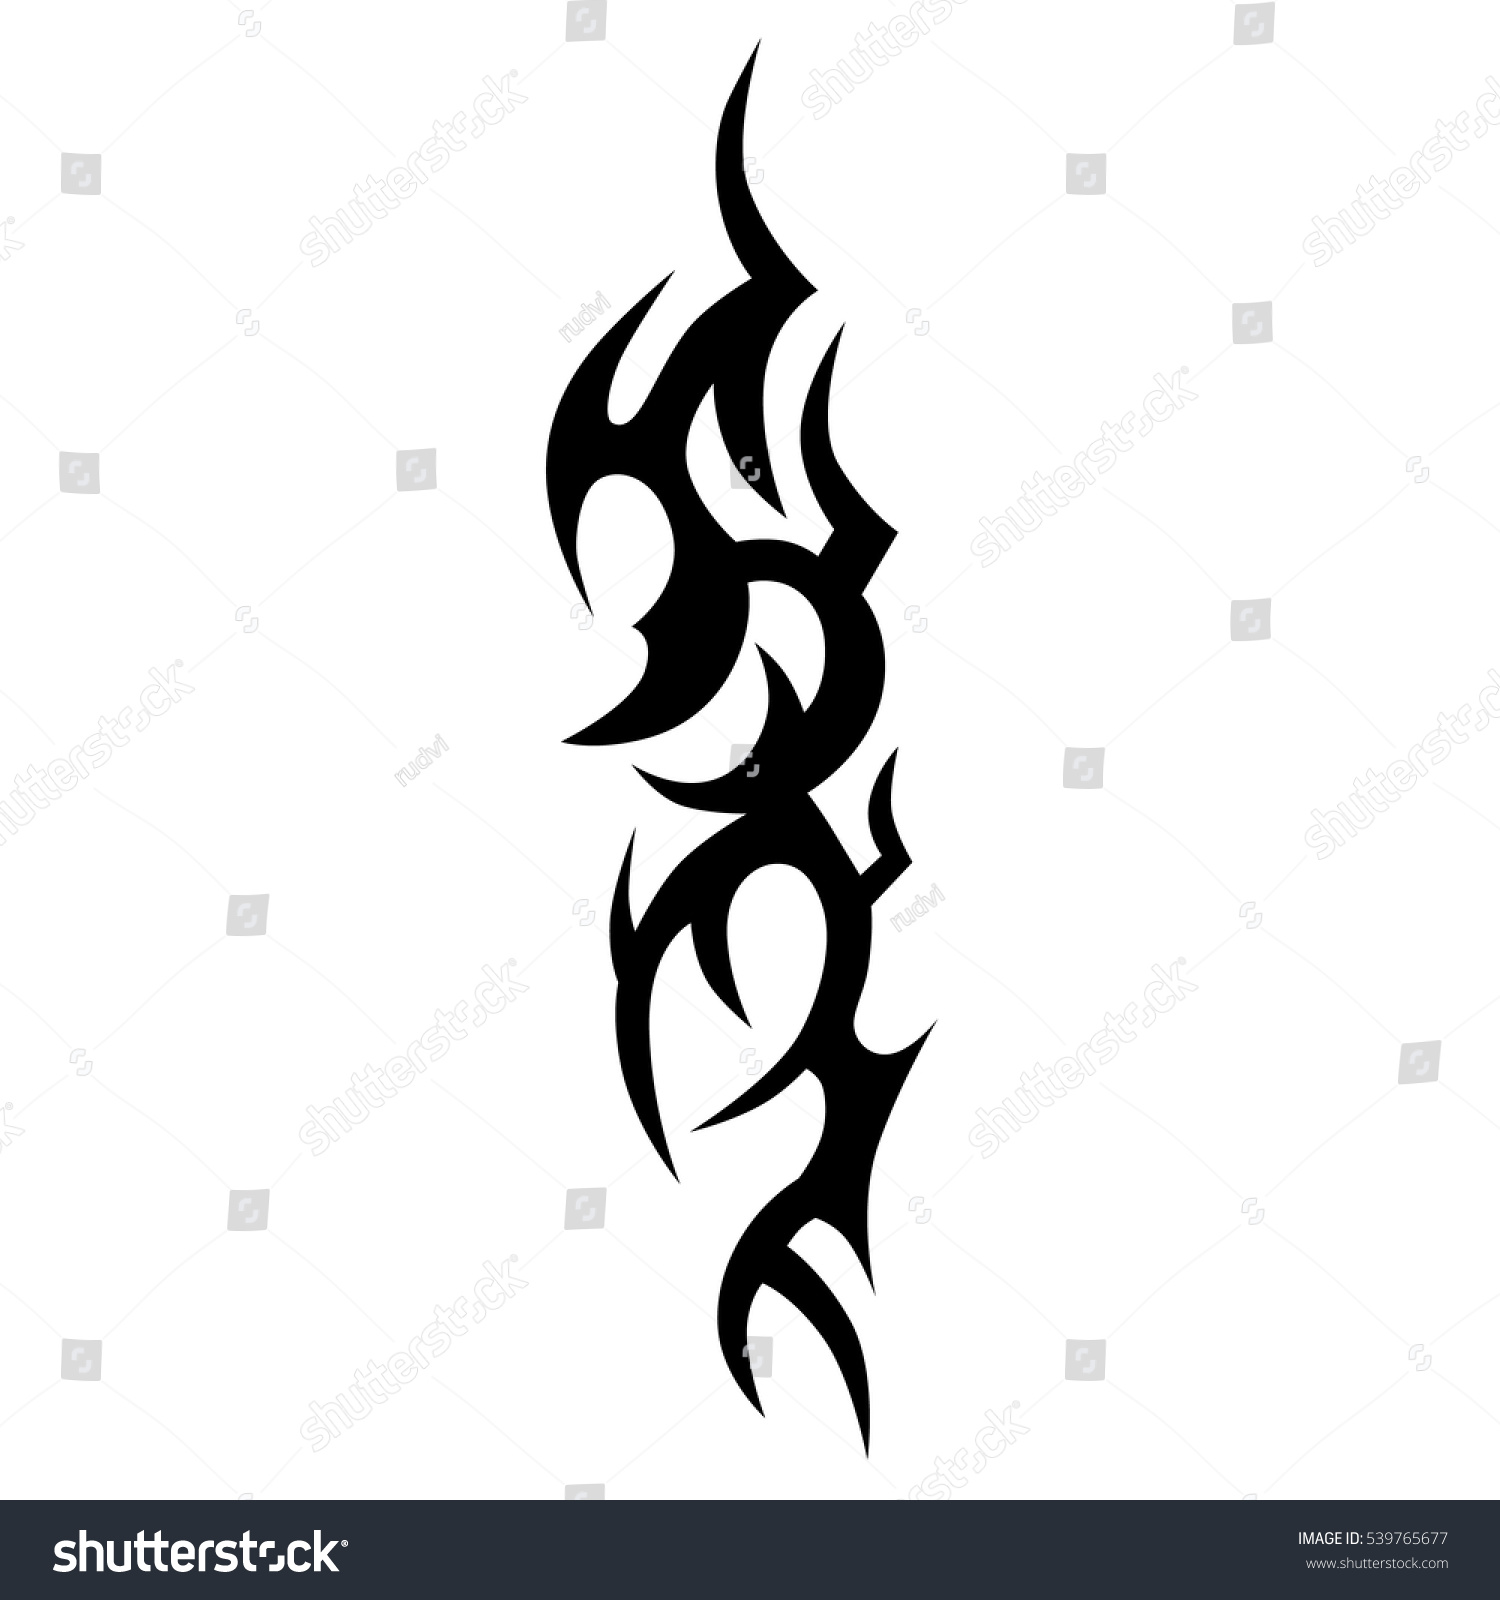 Tribal-Tattoos stock-vector-tattoo-tribal-vector-designs-tribal-tattoos-art-tribal-tattoo-vector-sketch-of-a-tattoo-539765677